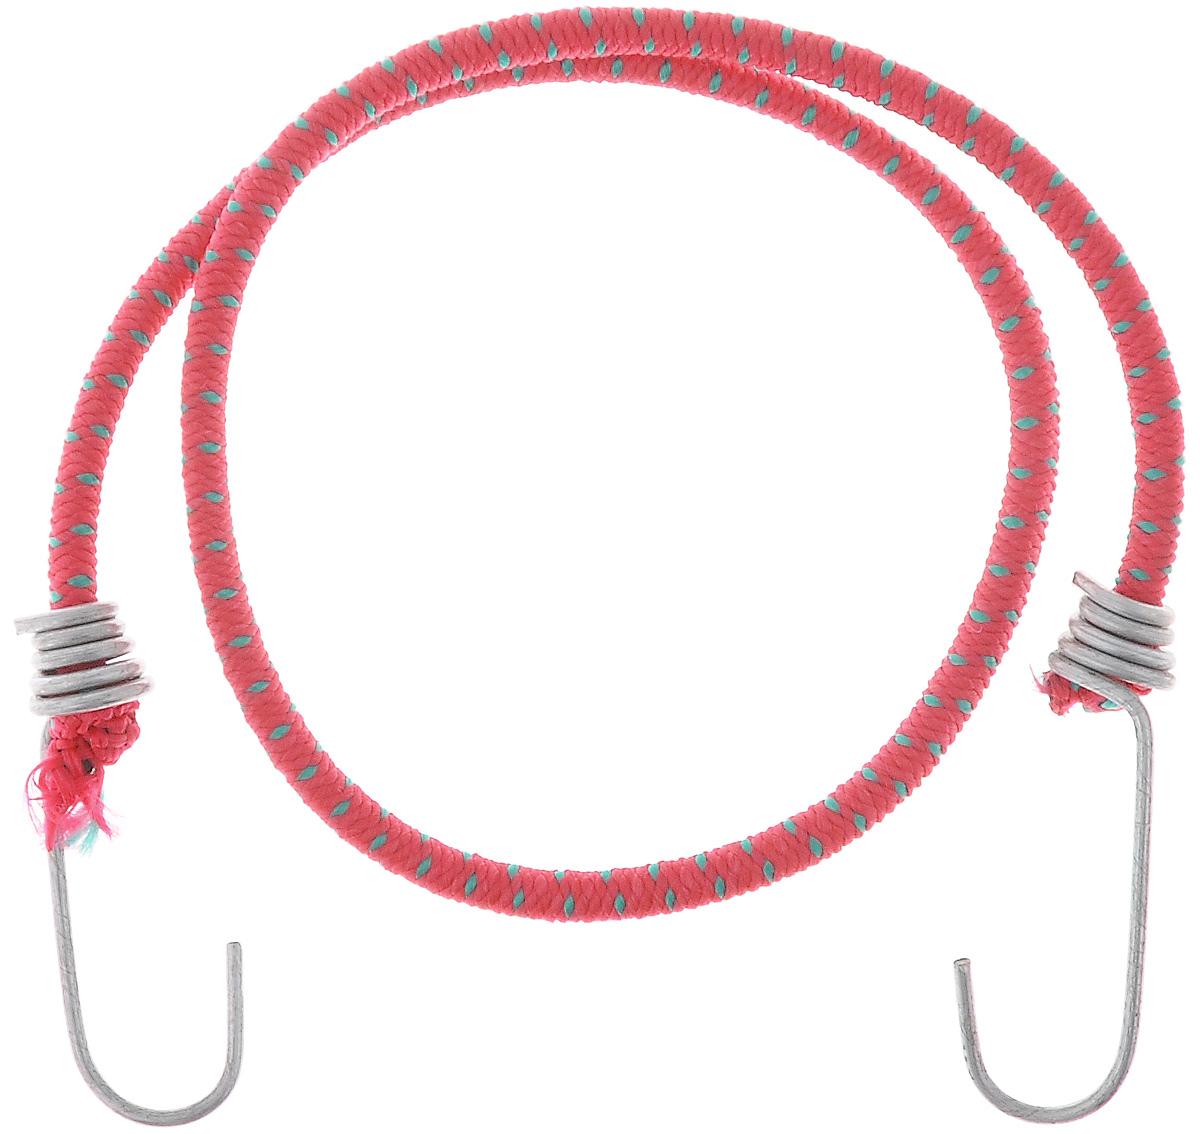 Резинка багажная МастерПроф, с крючками, цвет: красный, зеленый, 0,6 х 80 см. АС.020021АС.020021_красныйБагажная резинка МастерПроф, выполненная из синтетического каучука, оснащена специальными металлическими крючками, которые обеспечивают прочное крепление и не допускают смещения груза во время его перевозки. Изделие применяется для закрепления предметов к багажнику. Такая резинка позволит зафиксировать как небольшой груз, так и довольно габаритный.Материал: синтетический каучук.Температура использования: -15°C до +50°C.Безопасное удлинение: 60%.Диаметр резинки: 0,6 см.Длина резинки: 80 см.